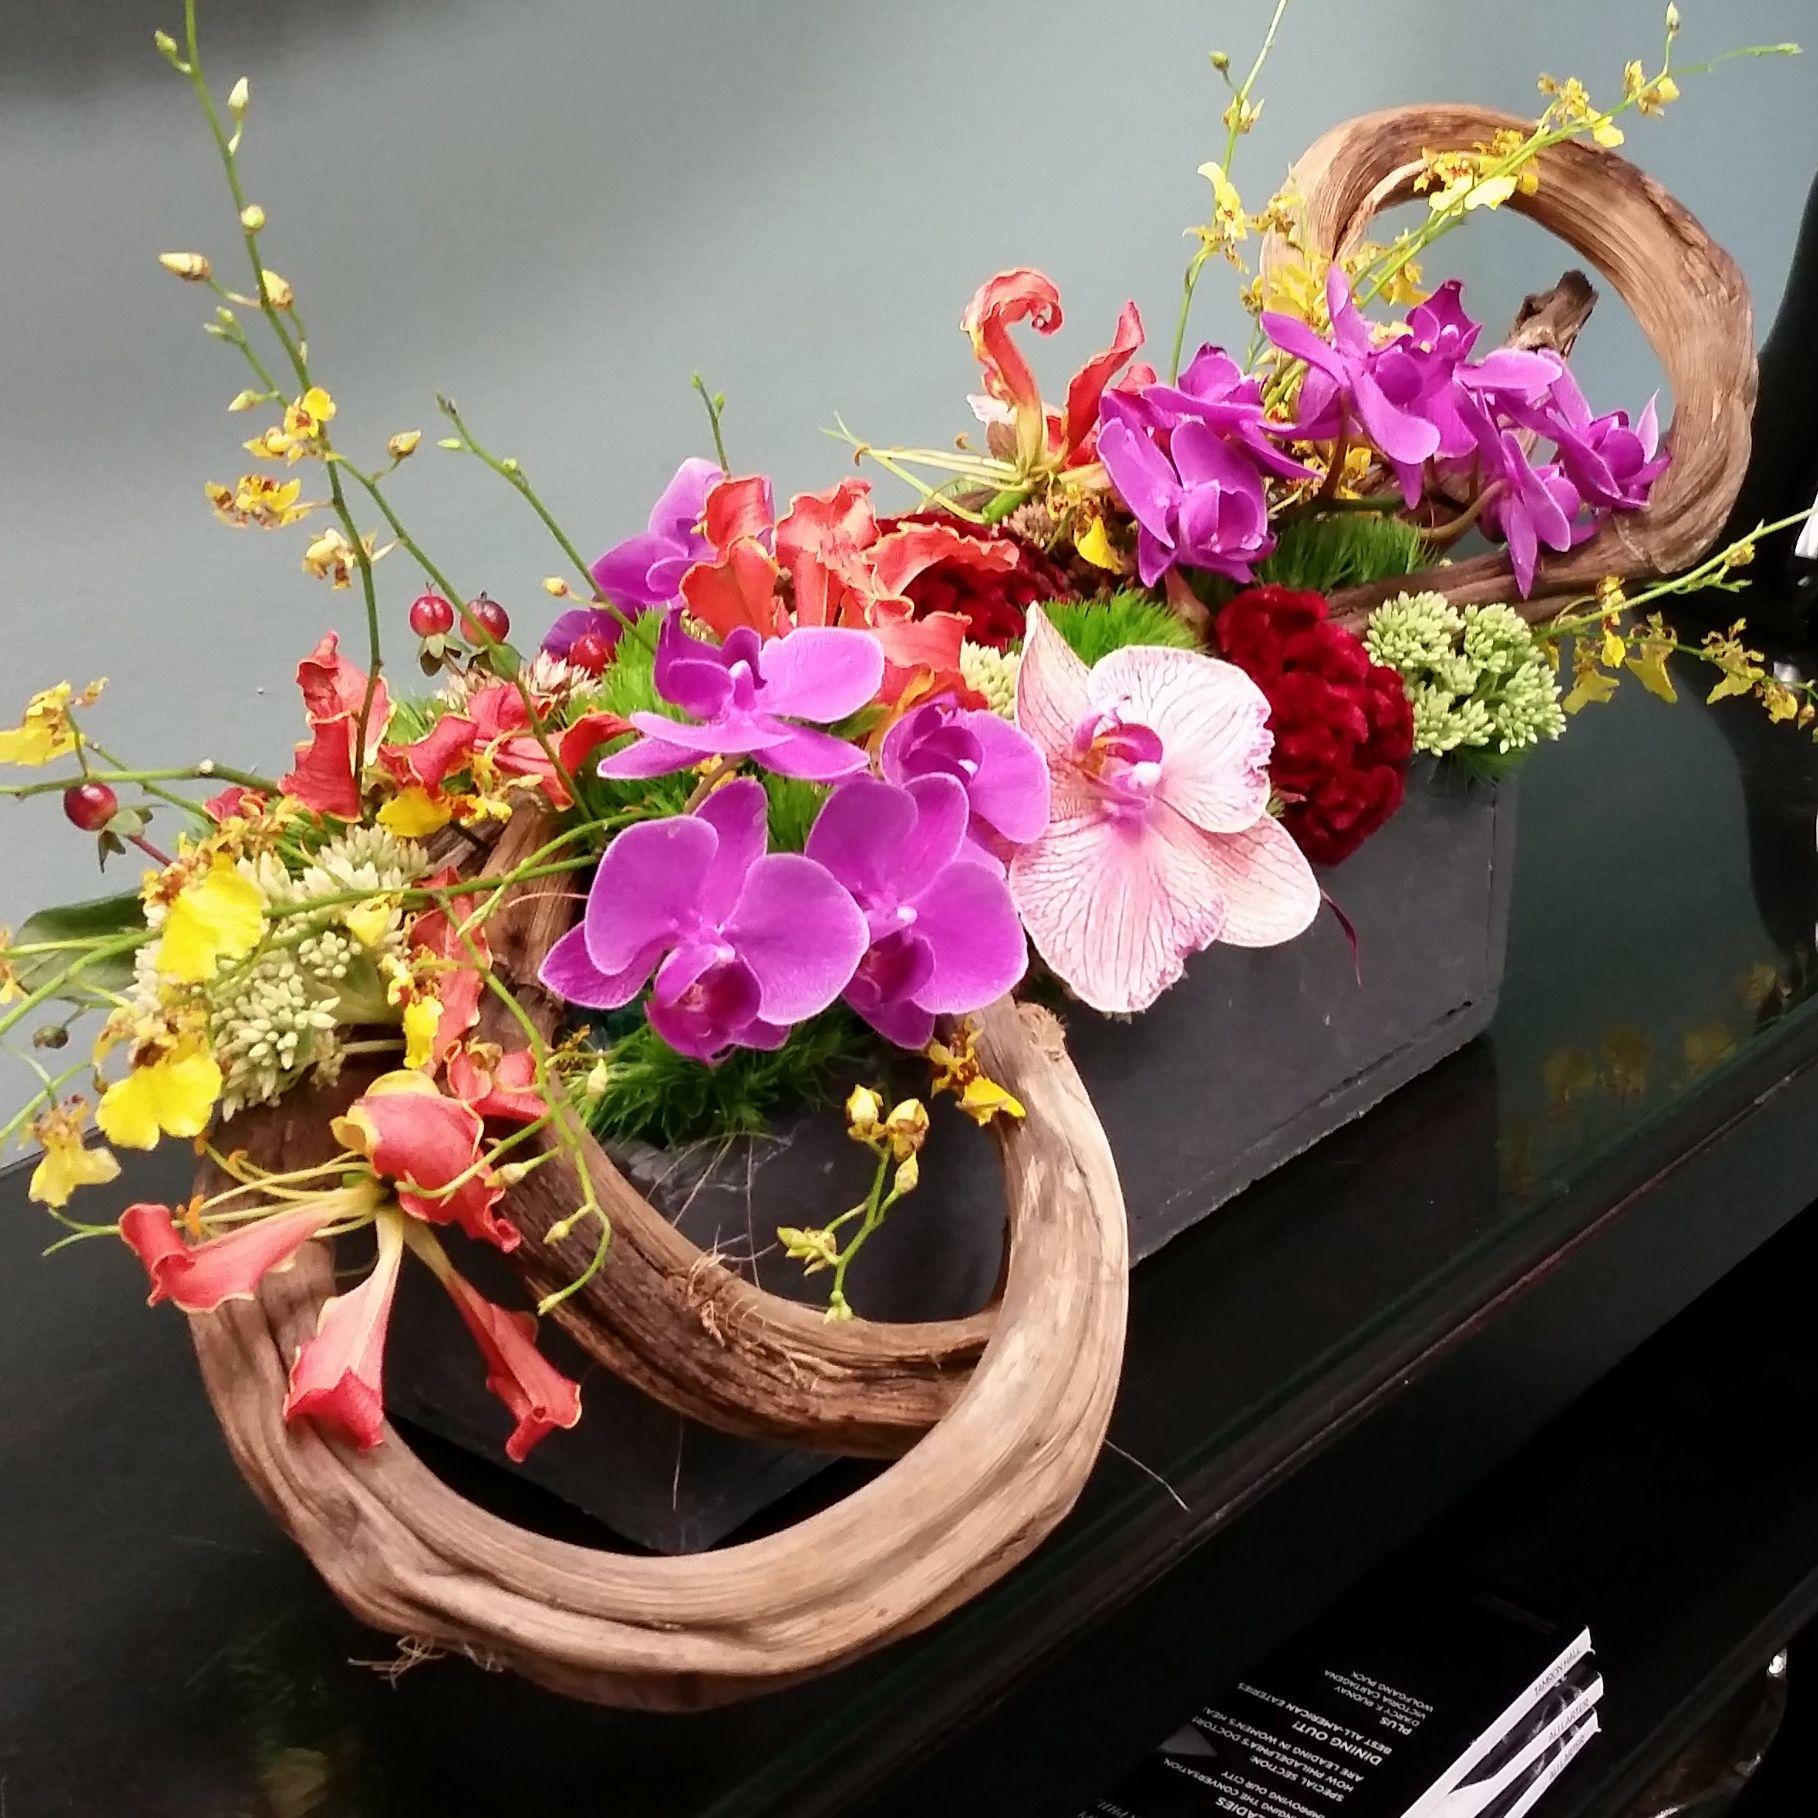 Modern Flower Arrangement Of Orchids Celosia And Curly Wood Branches Modern Flower Arrangements Flower Arrangements Modern Flower